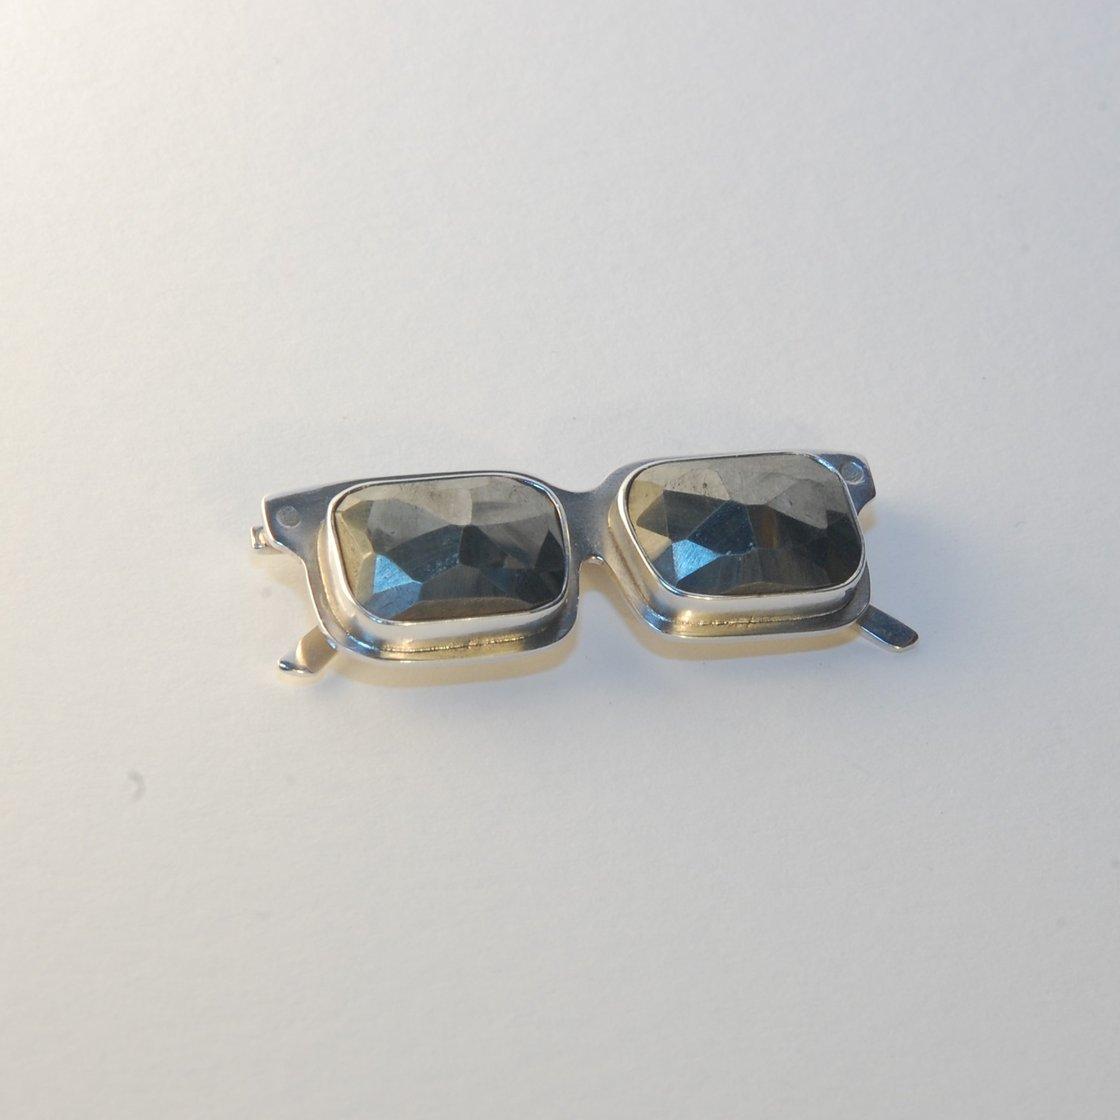 Image of Faceted Pyrite Medium Sunglasses Pendant